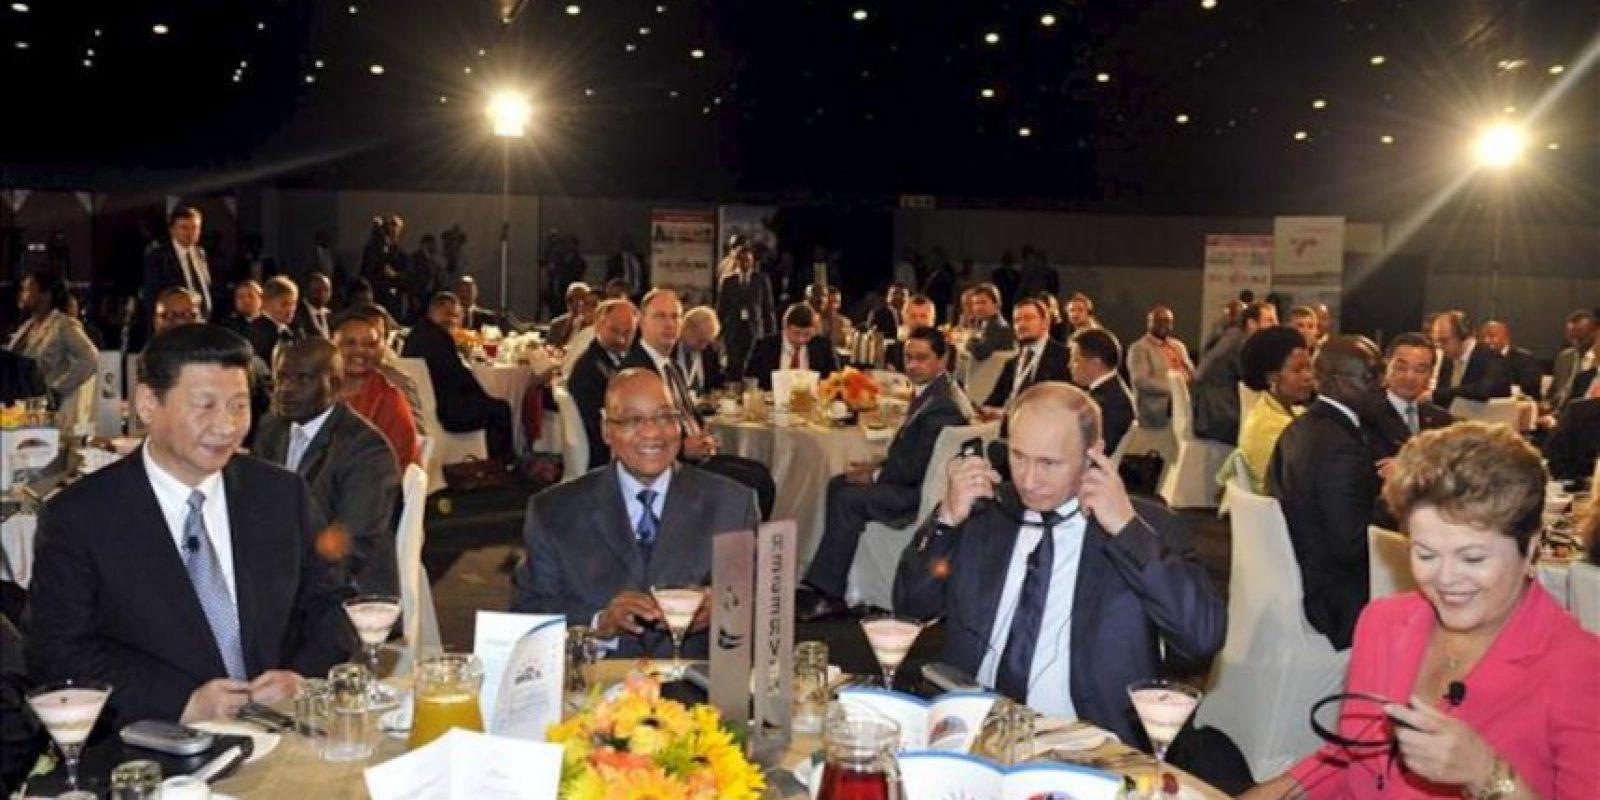 El presidente sudafricano, Jacob Zuma (2º izq), el presidente chino, Xi Jinping (izq), su homólogo ruso, Vladímir Putin (2º dcha), y la presidenta brasileña, Dilma Rousseff (dcha), asisten hoy a un desayuno de trabajo durante un encuentro celebrado en el ámbito de la 5ª Cumbre del grupo BRICS (Brasil, Rusia, India, China y Sudáfrica) en Durban (Sudáfrica). EFE